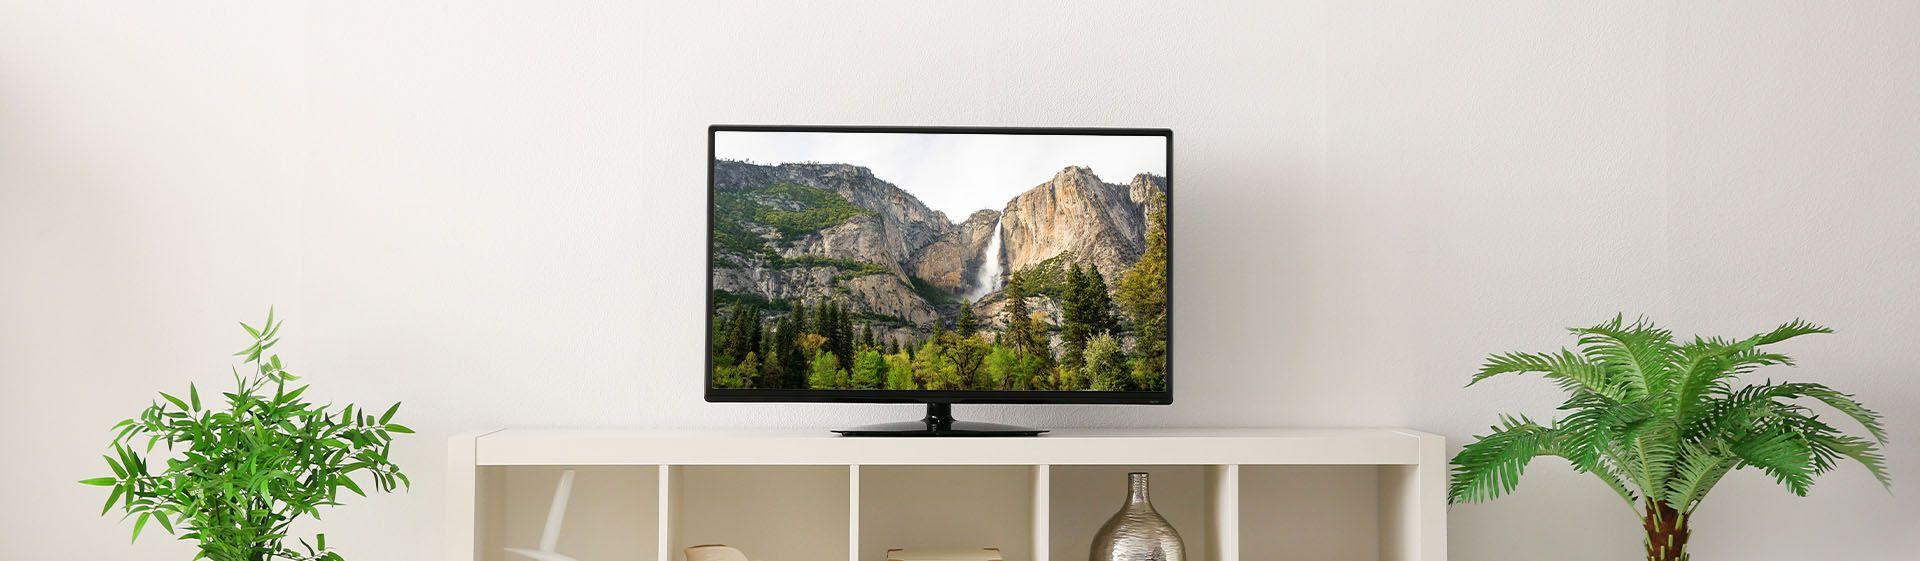 Melhor TV 4K custo-benefício em 2020: Samsung e LG dominam o ranking